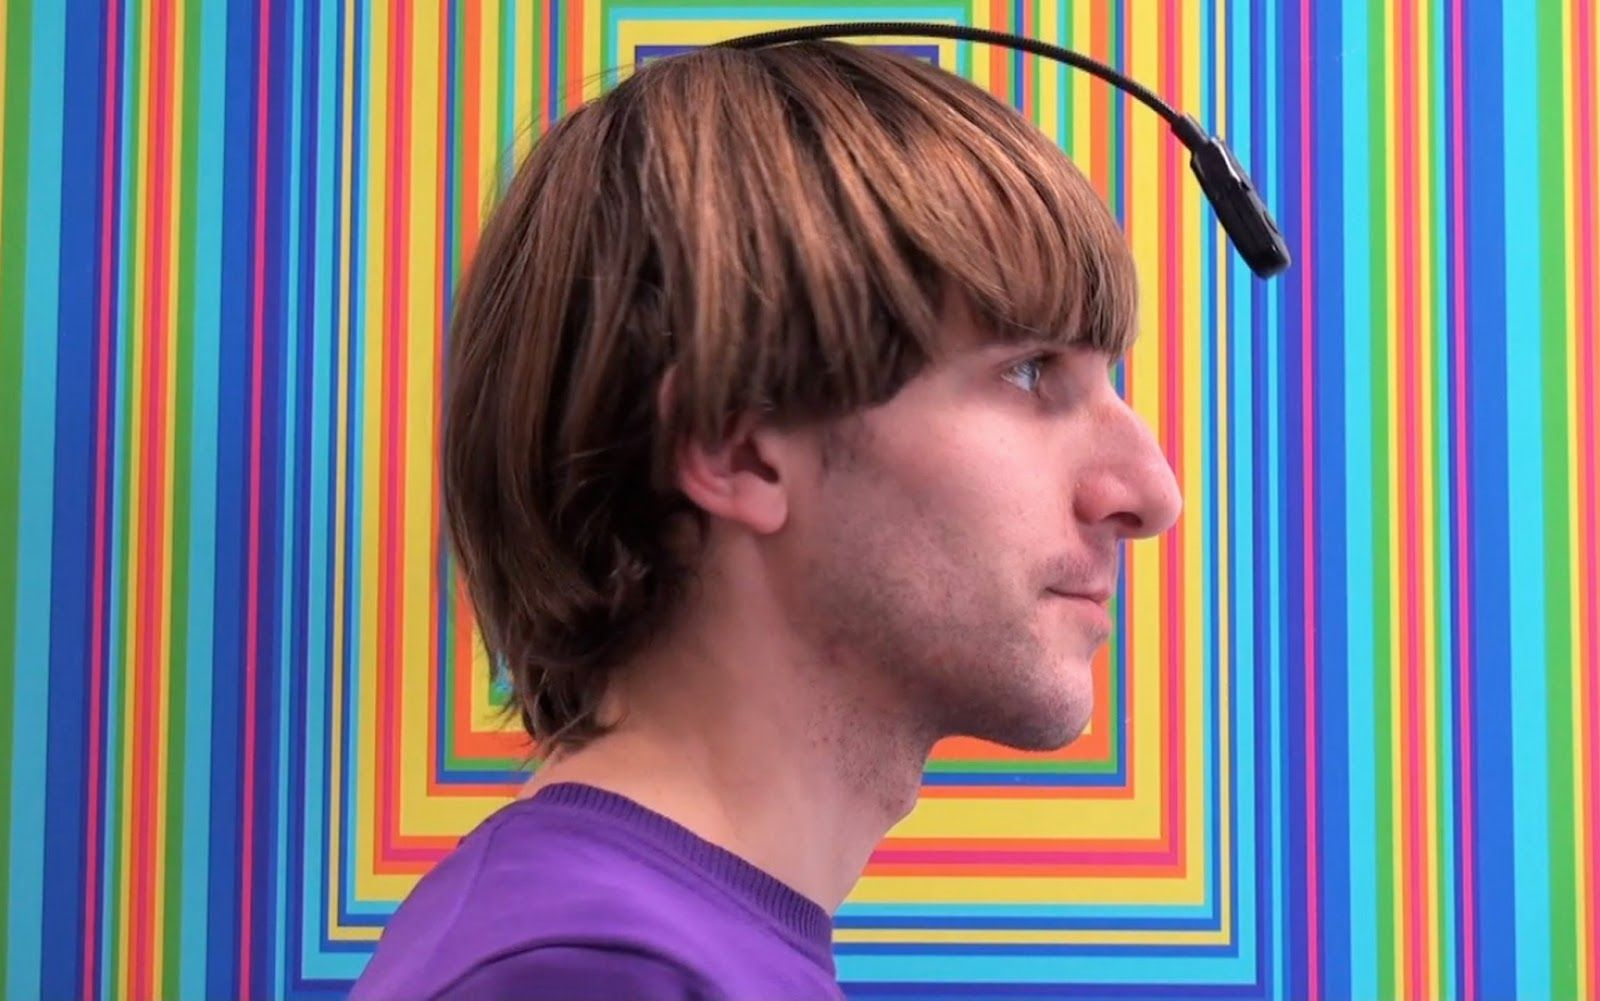 Neil Harbisson overwon zijn kleurenblindheid met 'the Eyeborg', een toestel waarmee hij kleuren kan horen.